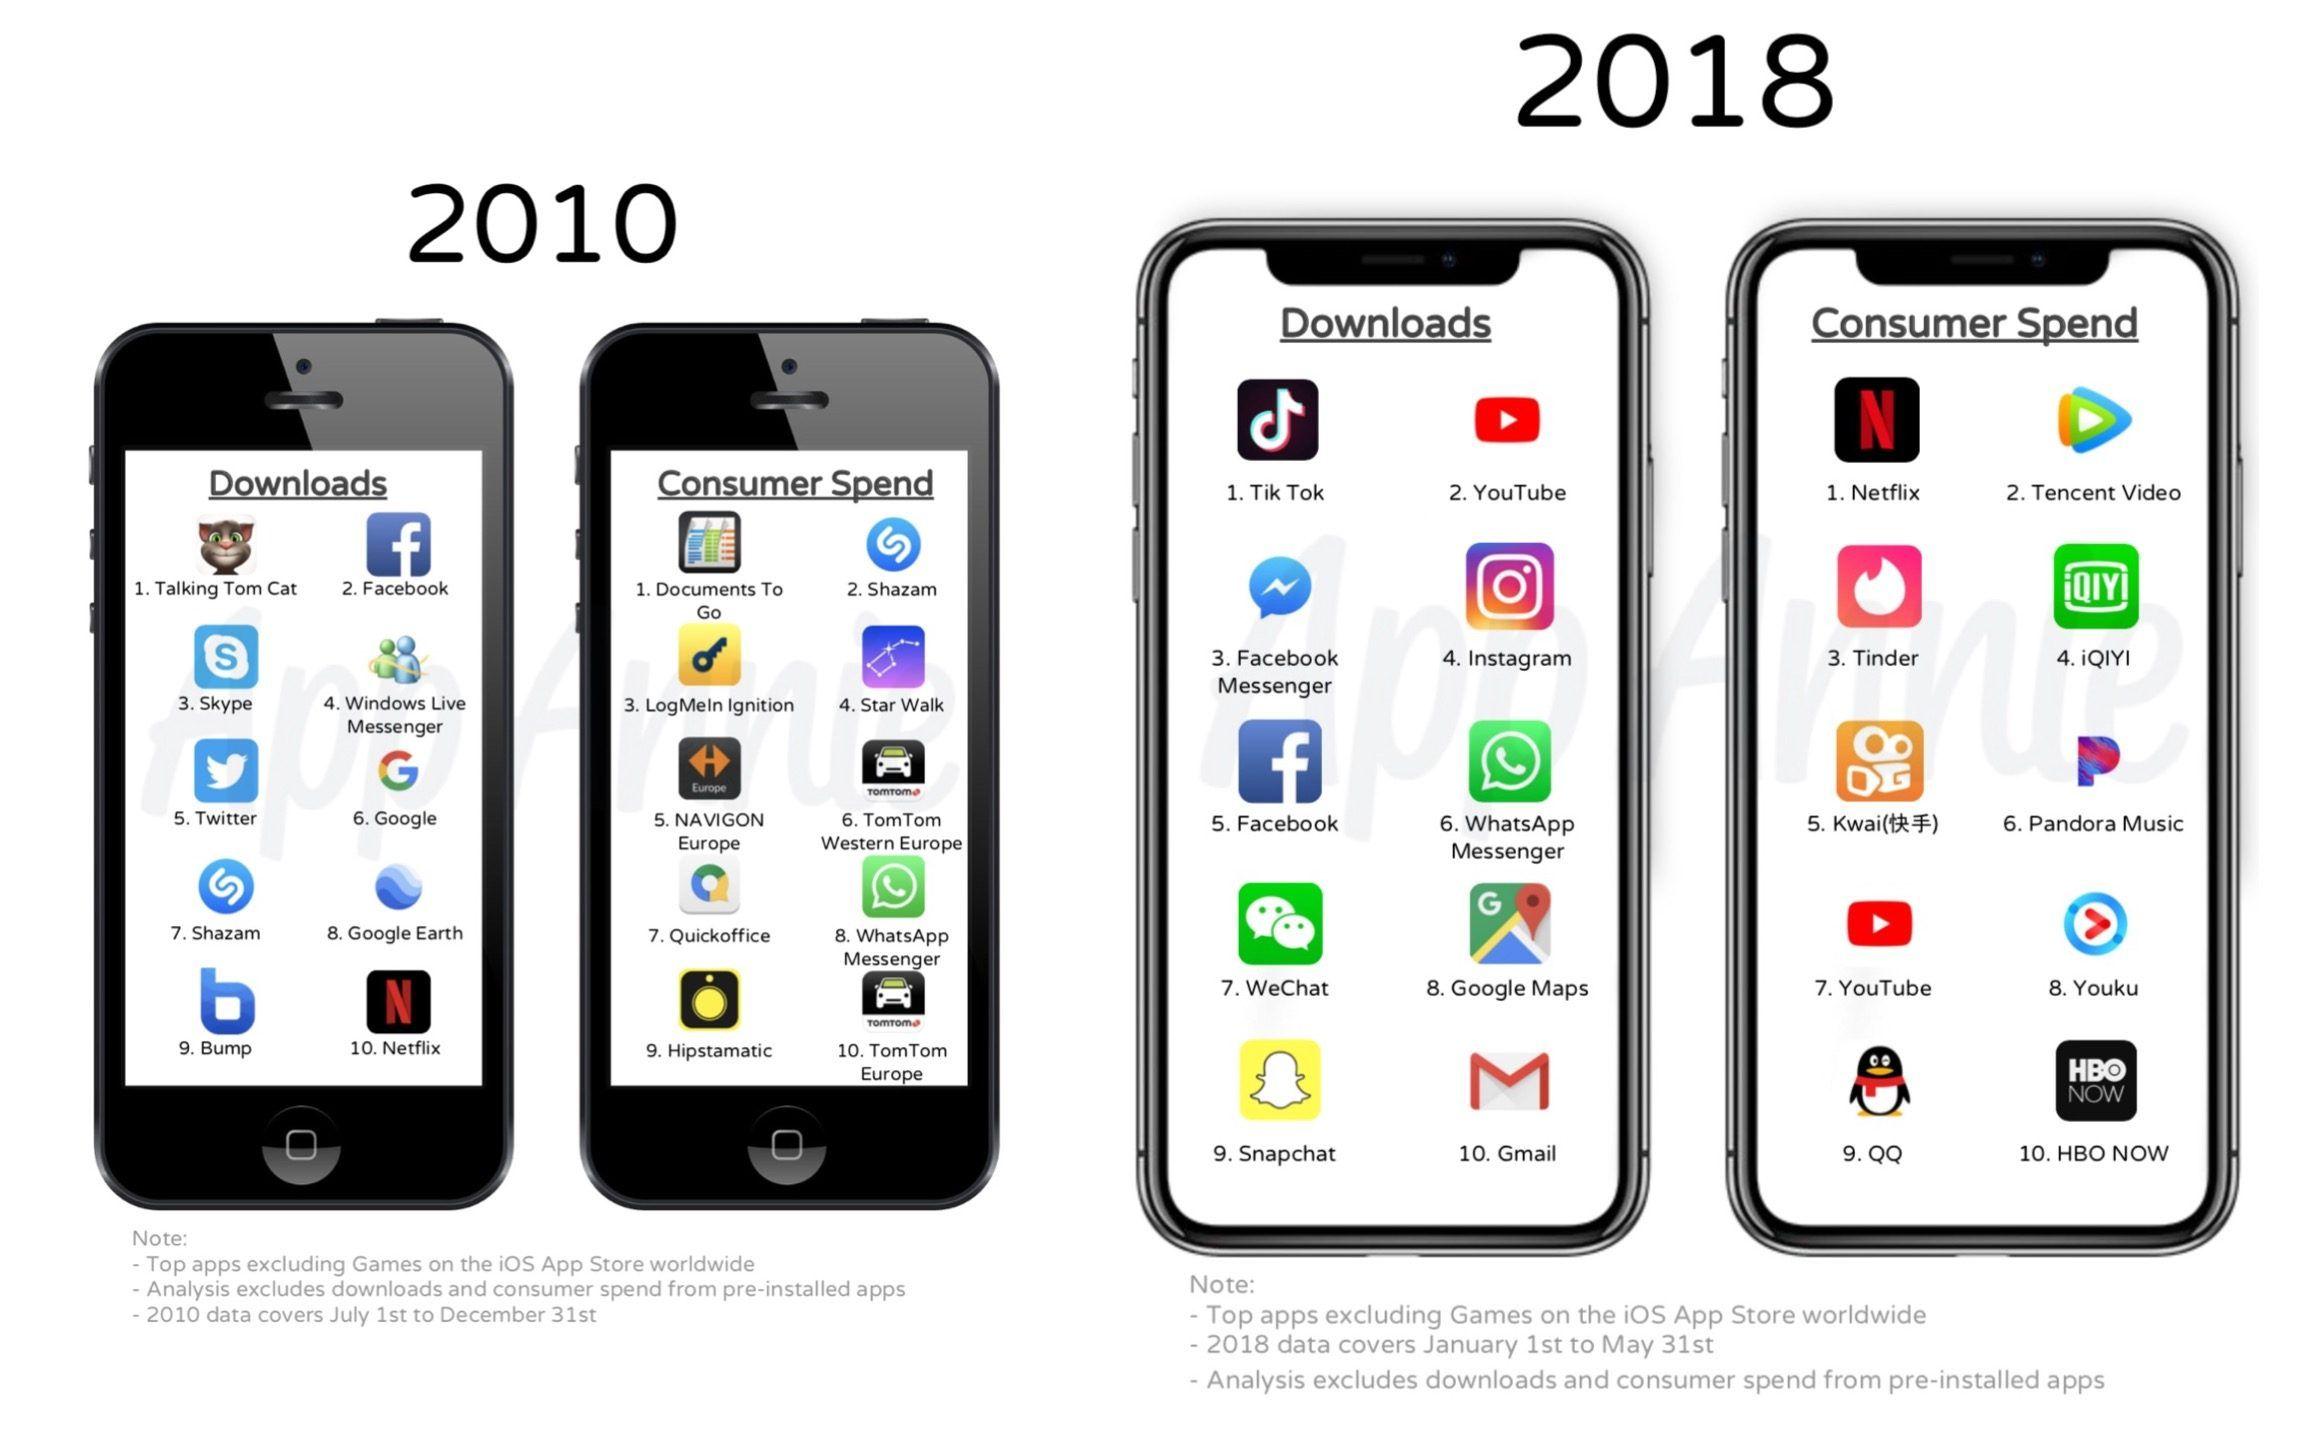 Top những ứng dụng và game iOS phổ biến, có doanh thu cao nhất mọi thời đại  từ 2010 đến 2018 - ftOS